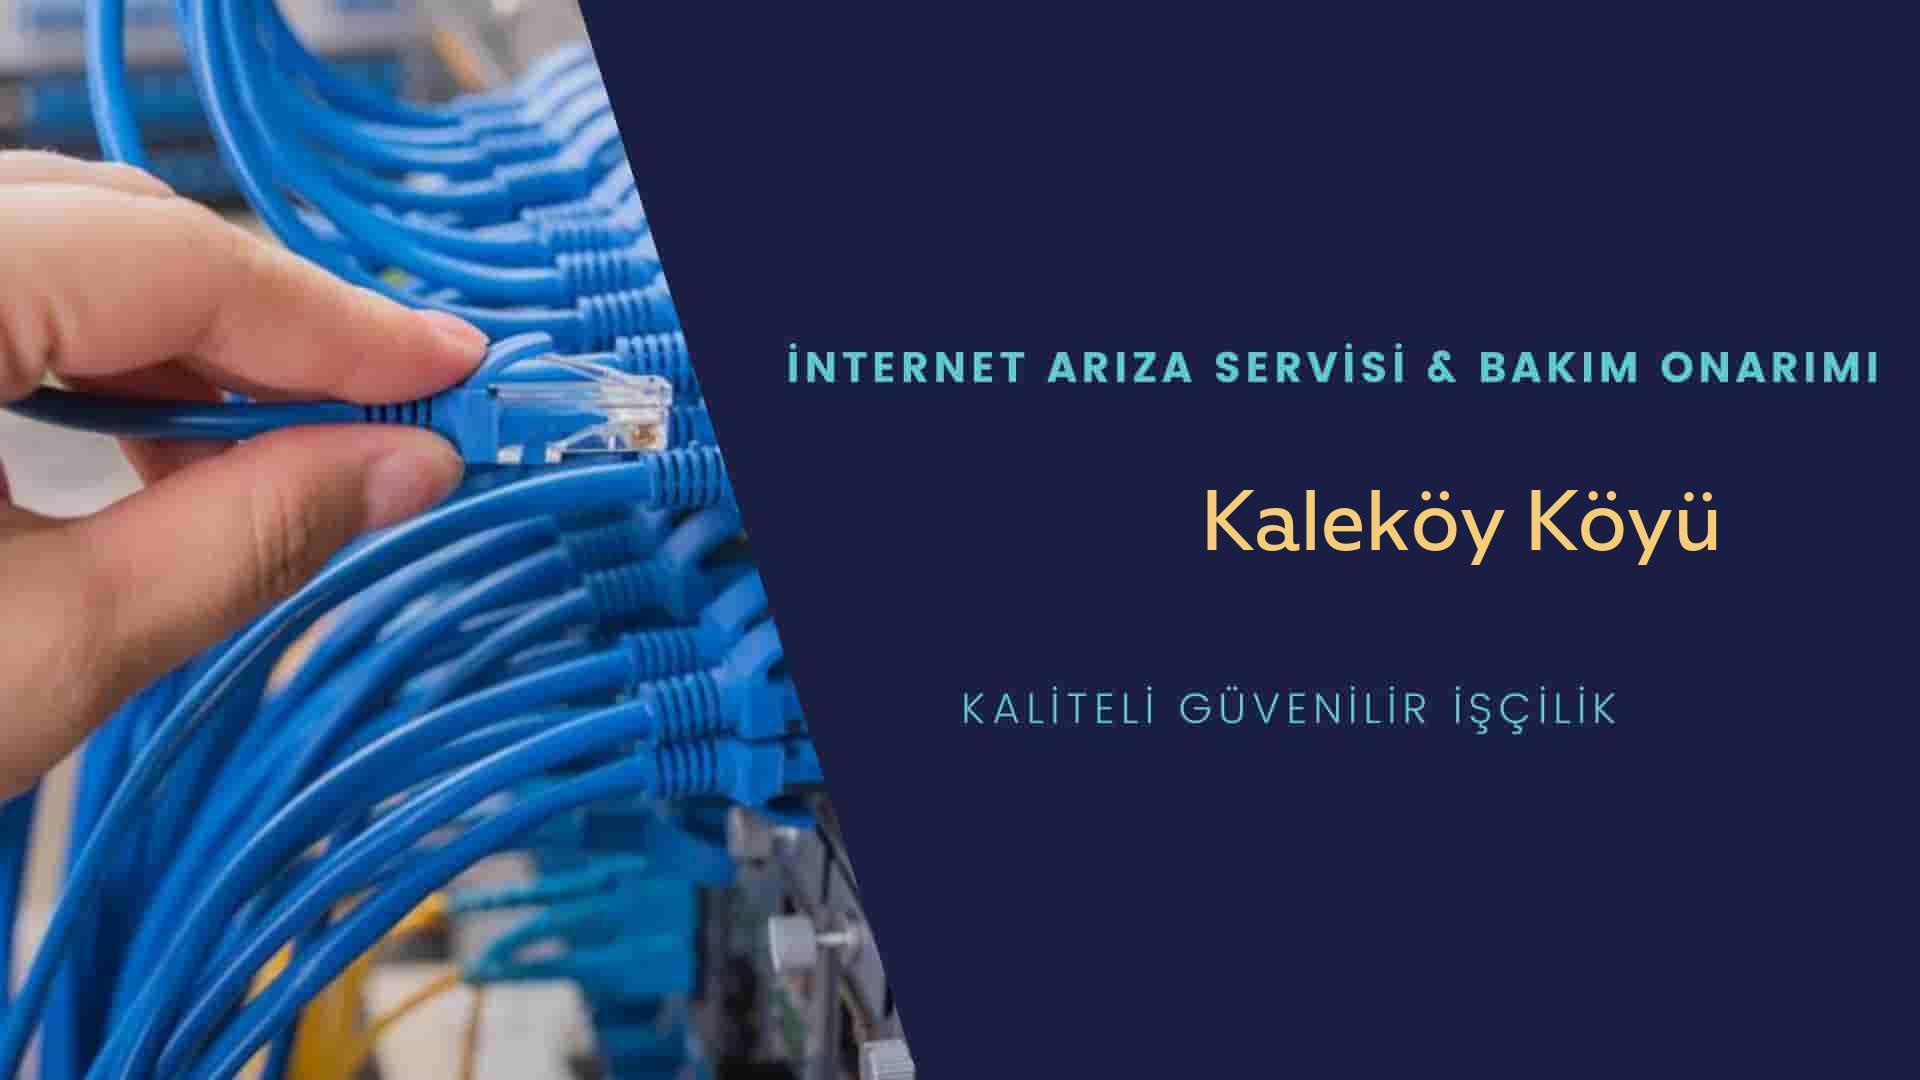 Kaleköy Köyü internet kablosu çekimi yapan yerler veya elektrikçiler mi? arıyorsunuz doğru yerdesiniz o zaman sizlere 7/24 yardımcı olacak profesyonel ustalarımız bir telefon kadar yakındır size.